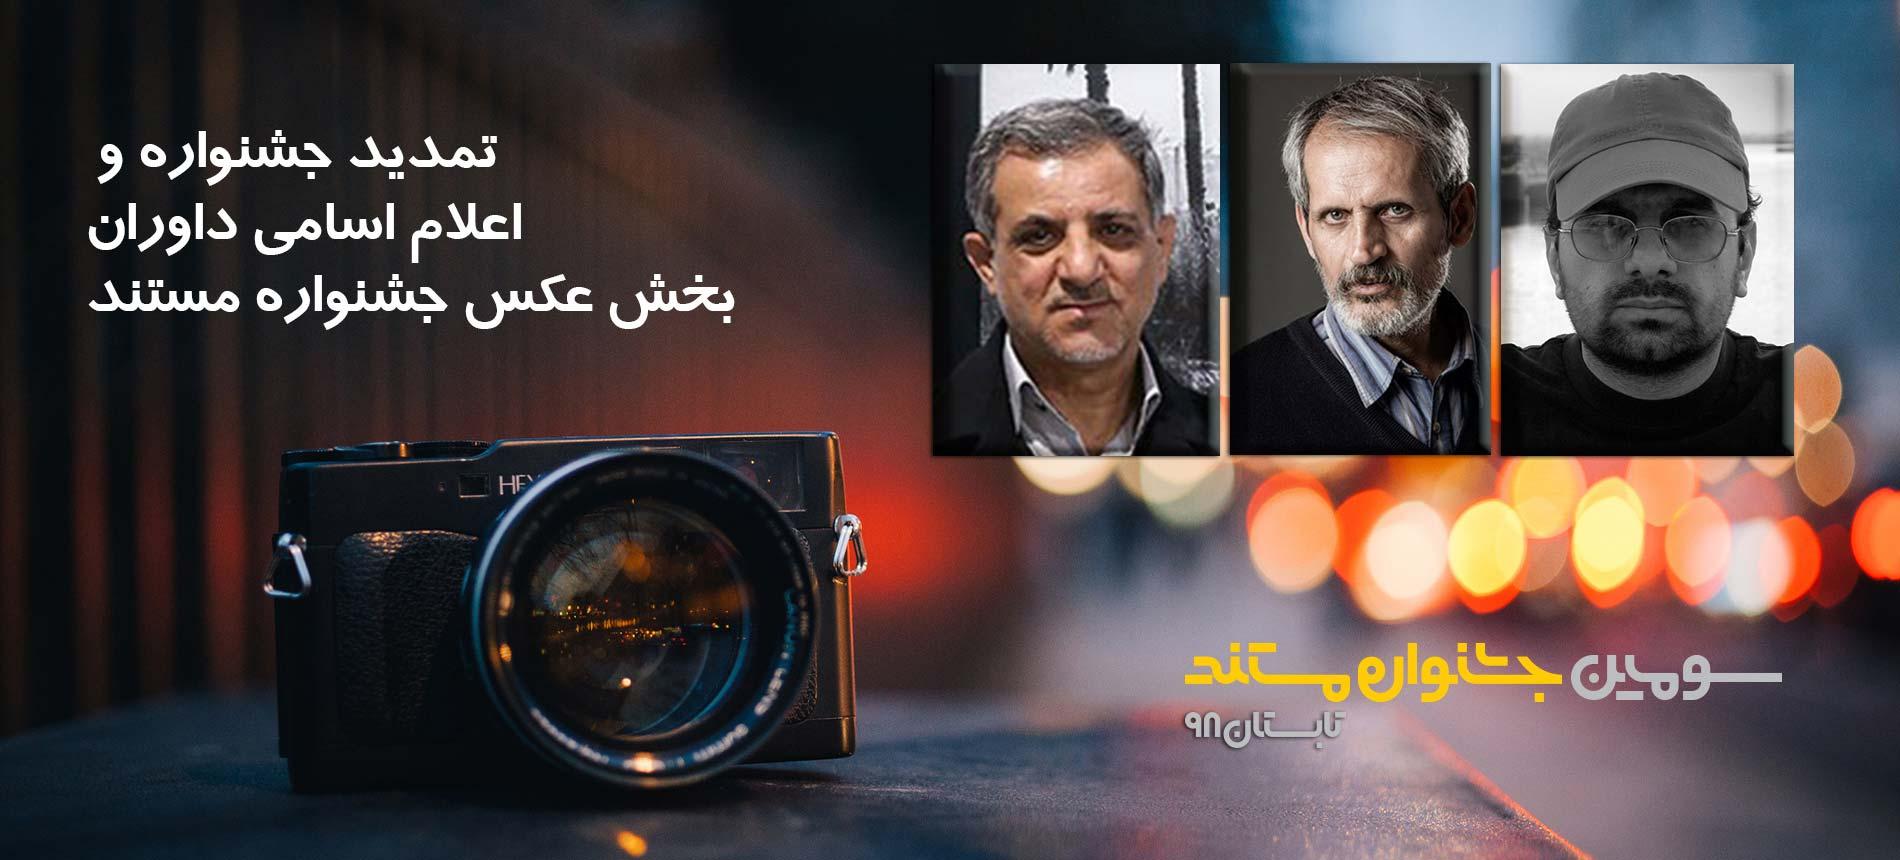 اسامی داوران بخش عکس جشنواره مستند اعلام شد